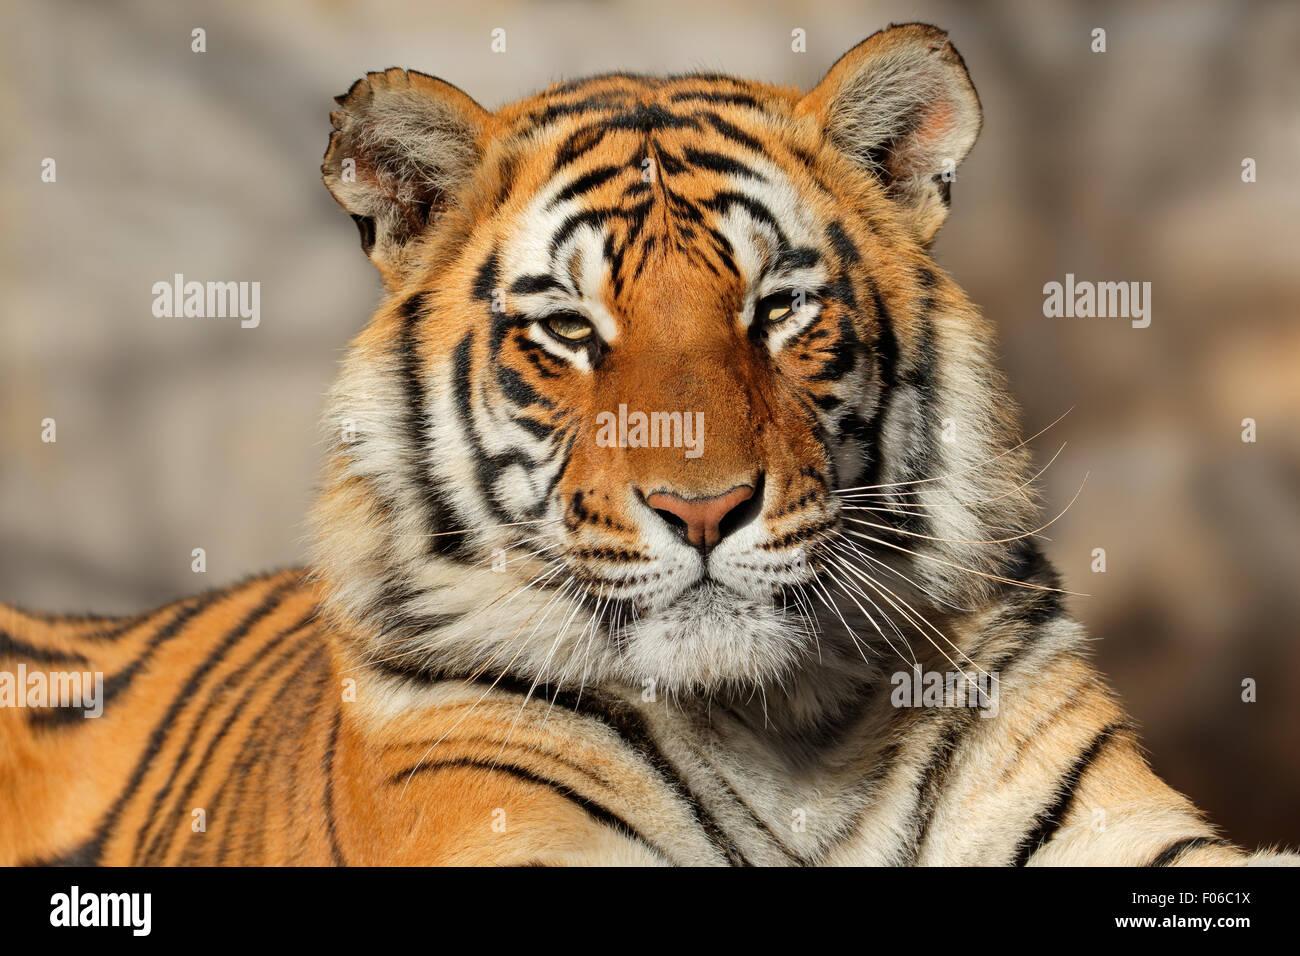 Portrait of a Bengal tiger (Panthera tigris bengalensis) Stock Photo